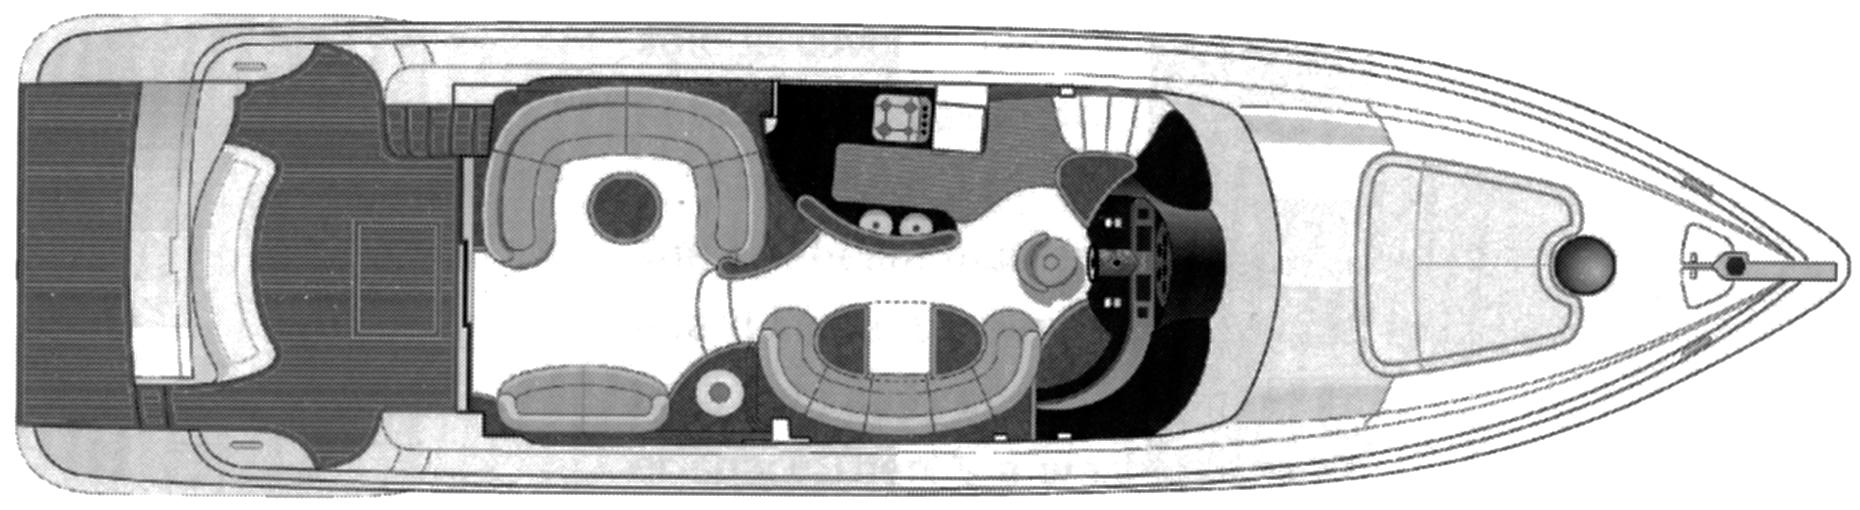 62E Floor Plan 2